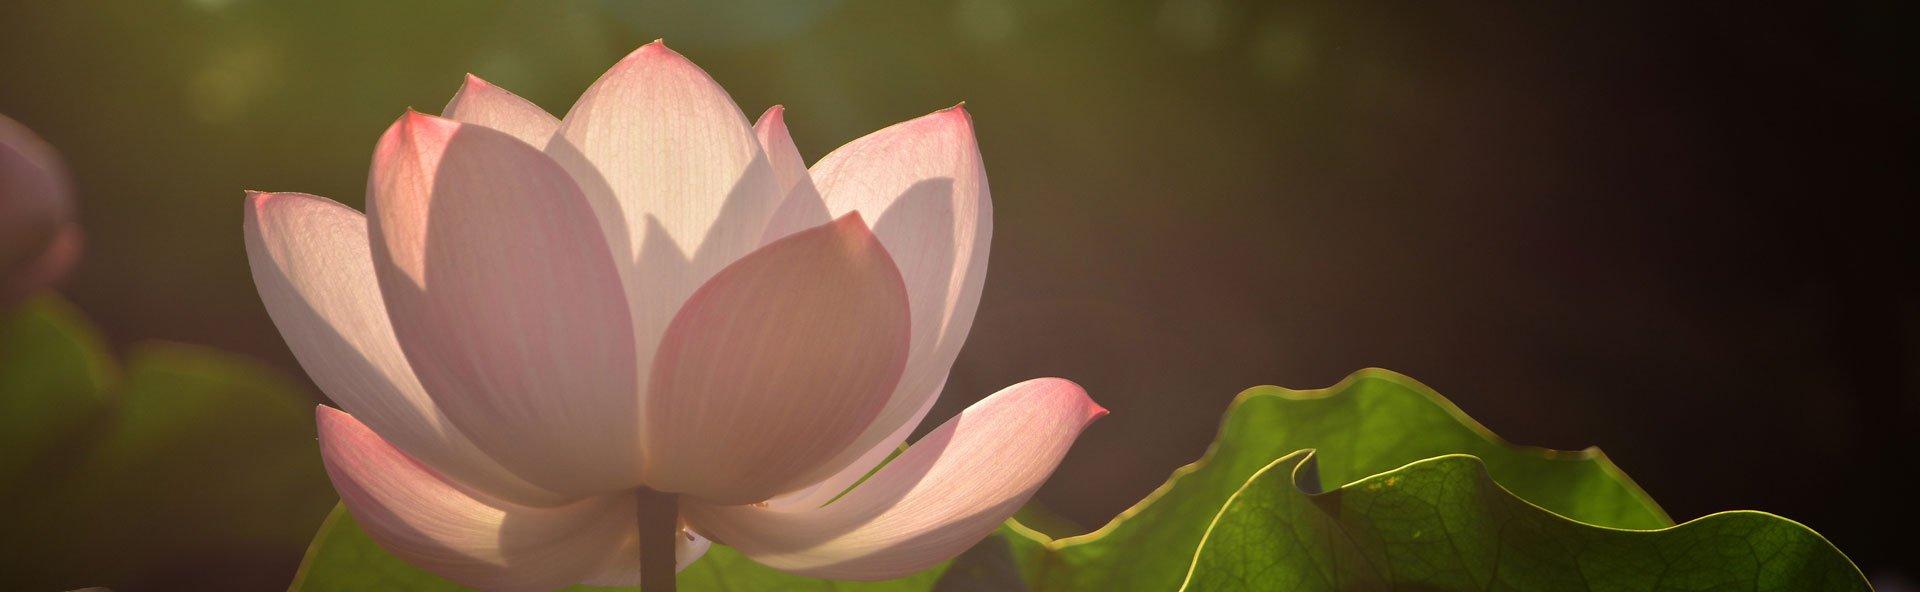 Beautiful Pink Lotus in Seoul